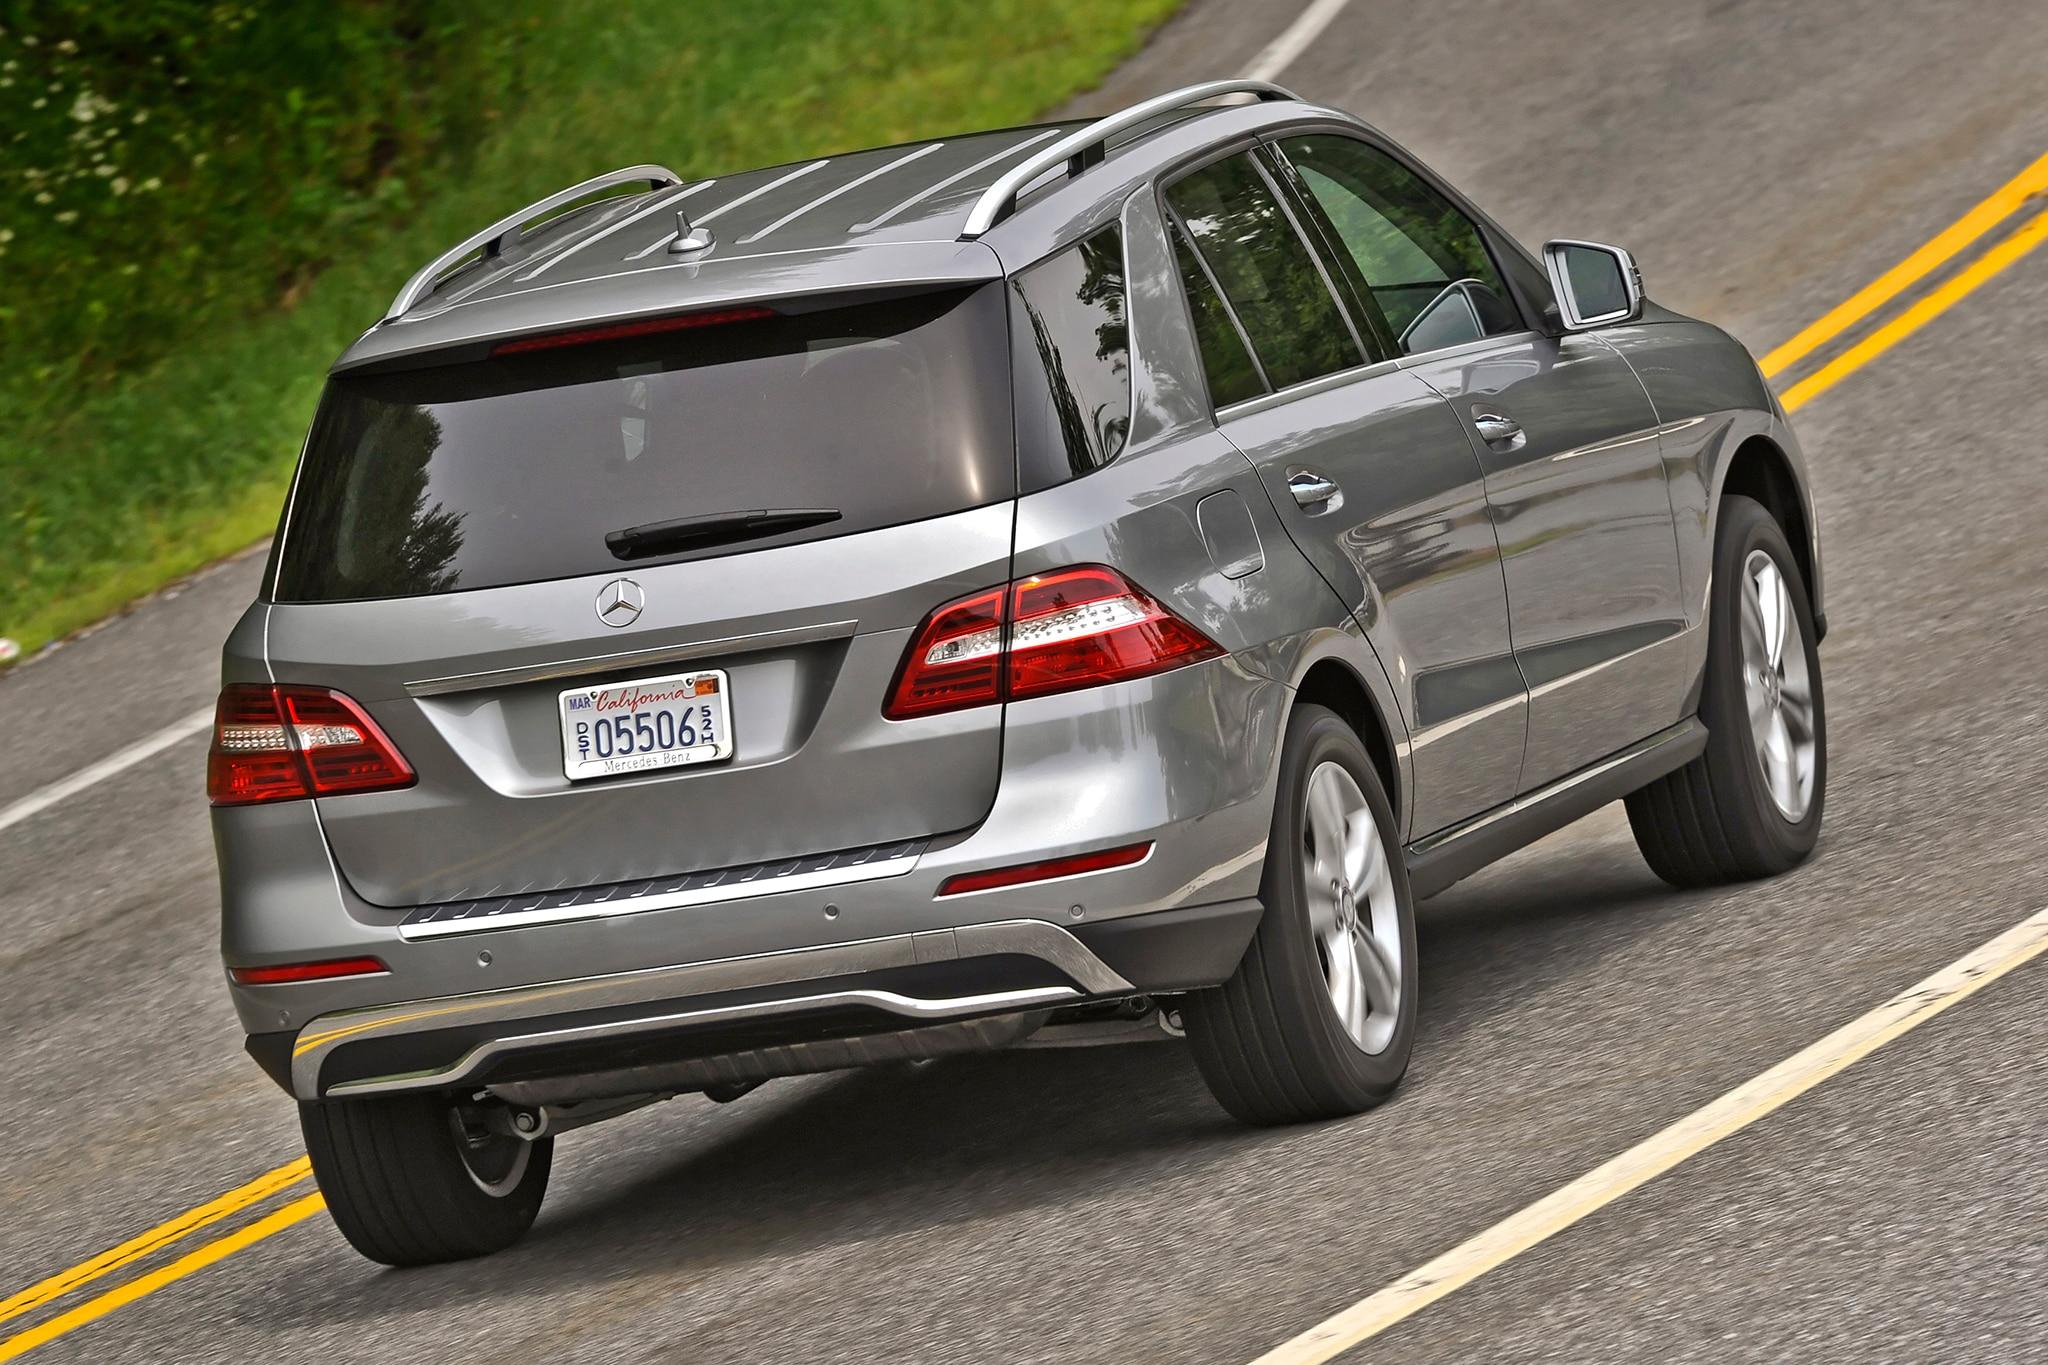 bus Mercedes ML63, GL63 AMG Get 186 MPH Top Speed on tuning mercedes-benz ml350, custom audi tt, custom mercedes ml, 2006 mercedes-benz ml350, custom car skirts mercedes, custom mini cooper s, custom porsche 911, mercedes-benz m-class ml350, custom 2008 mercedes ml350 interior, custom hyundai sonata, custom bmw x6,